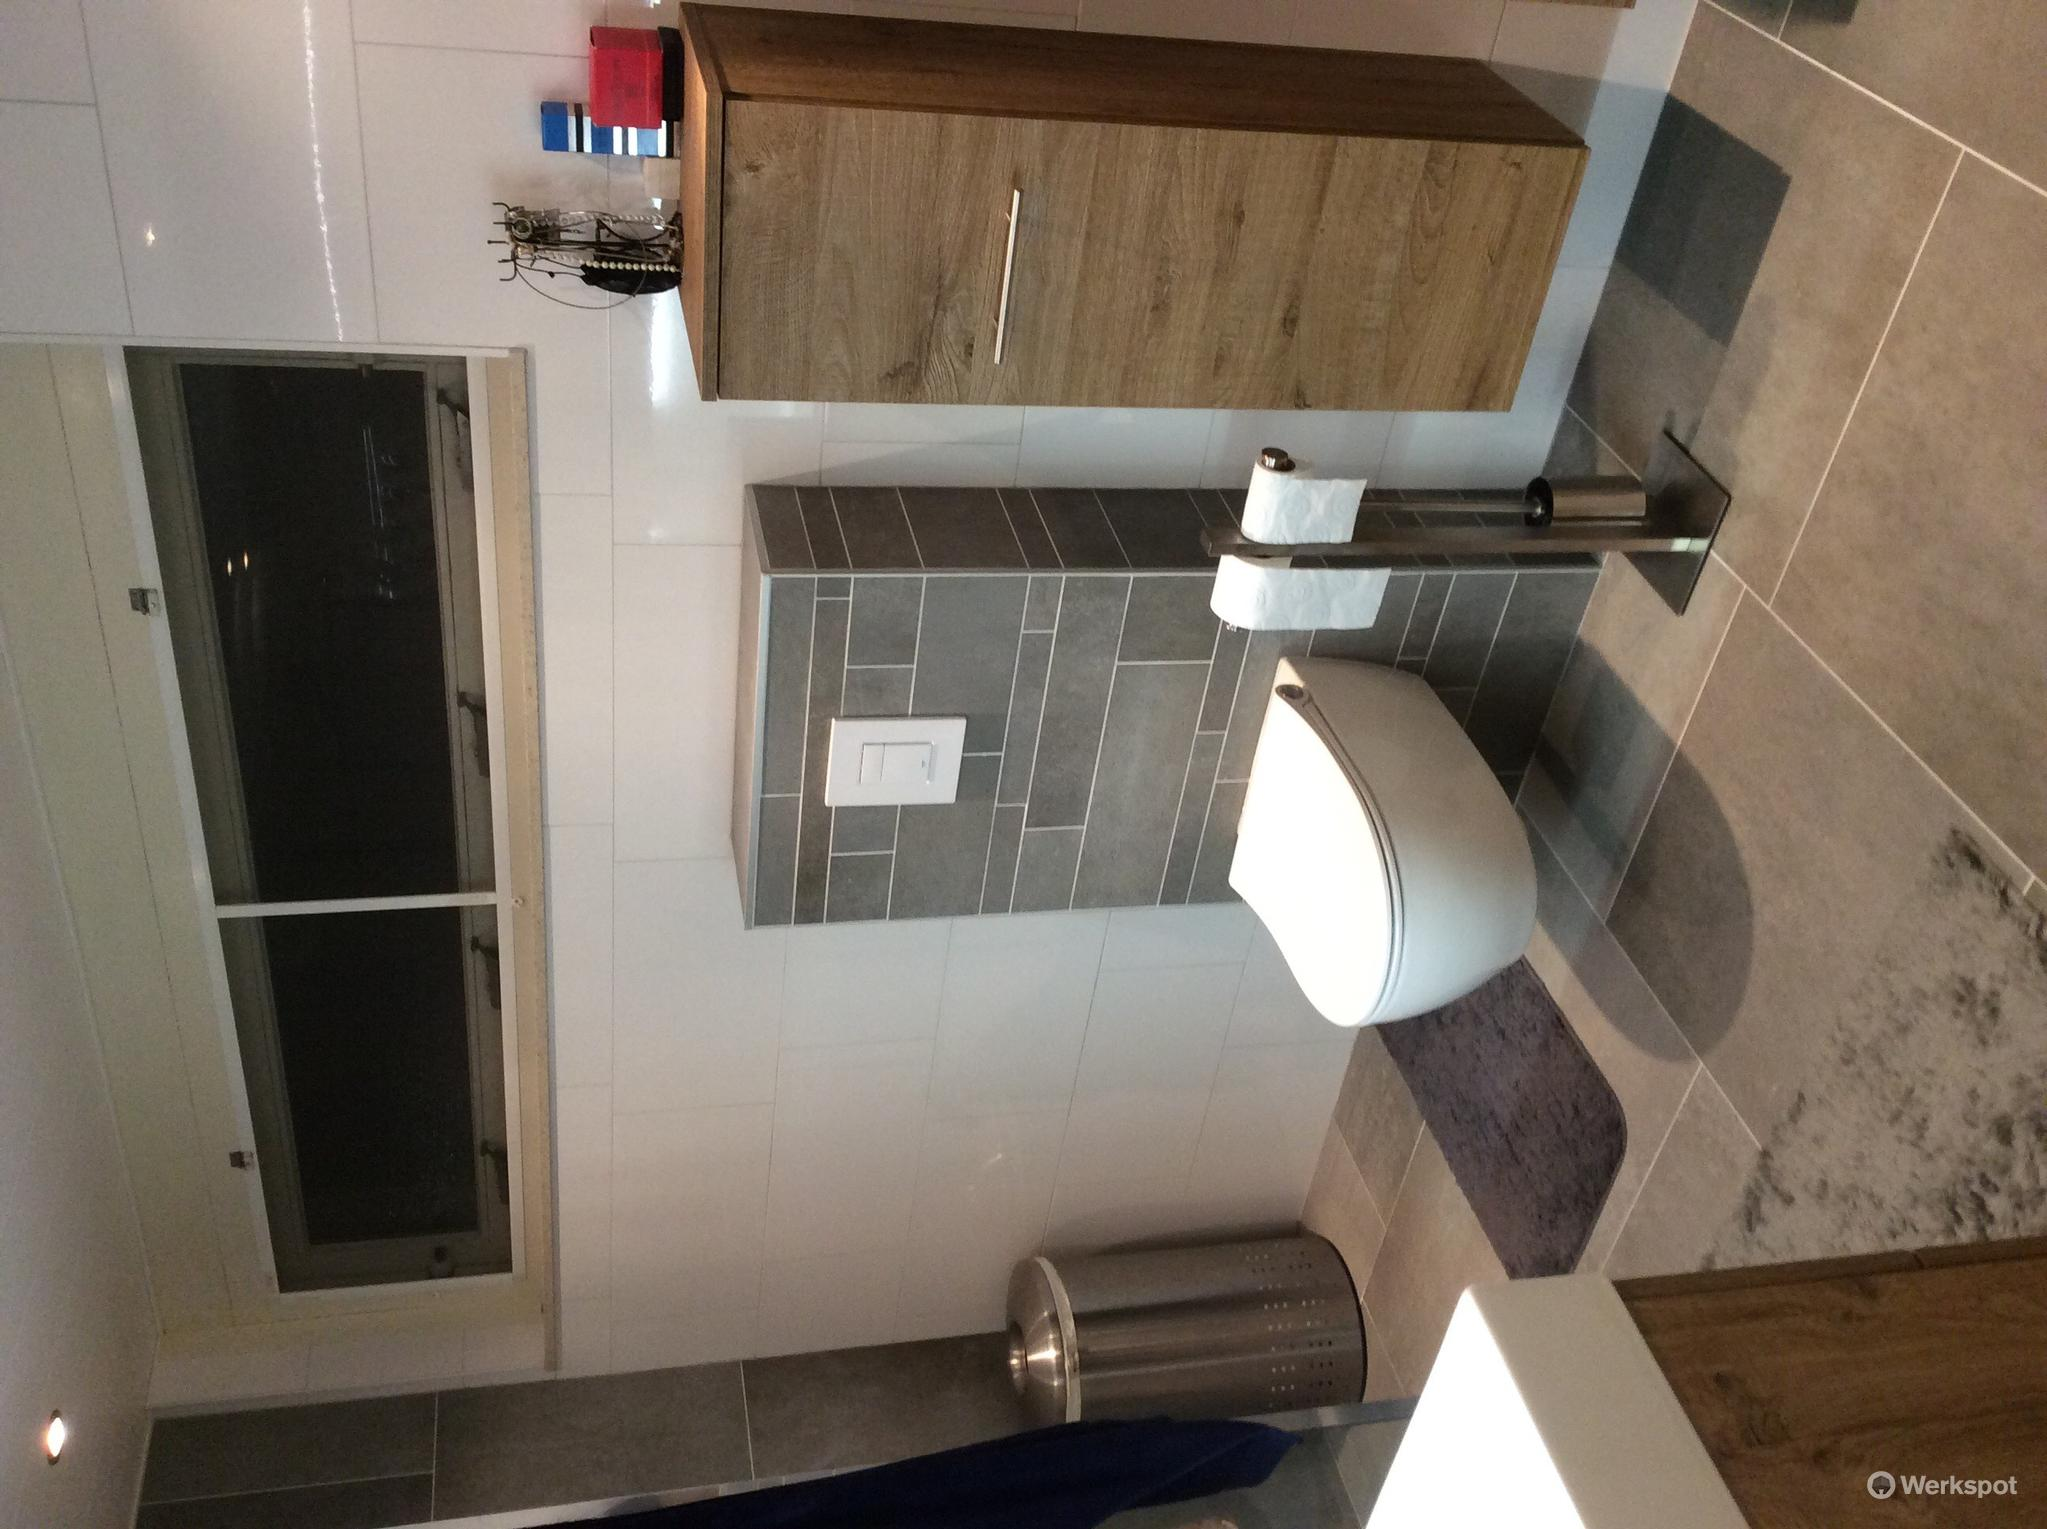 oude badkamer eruit, nieuwe erin. afmeting 2,20m x 3,20m - Werkspot